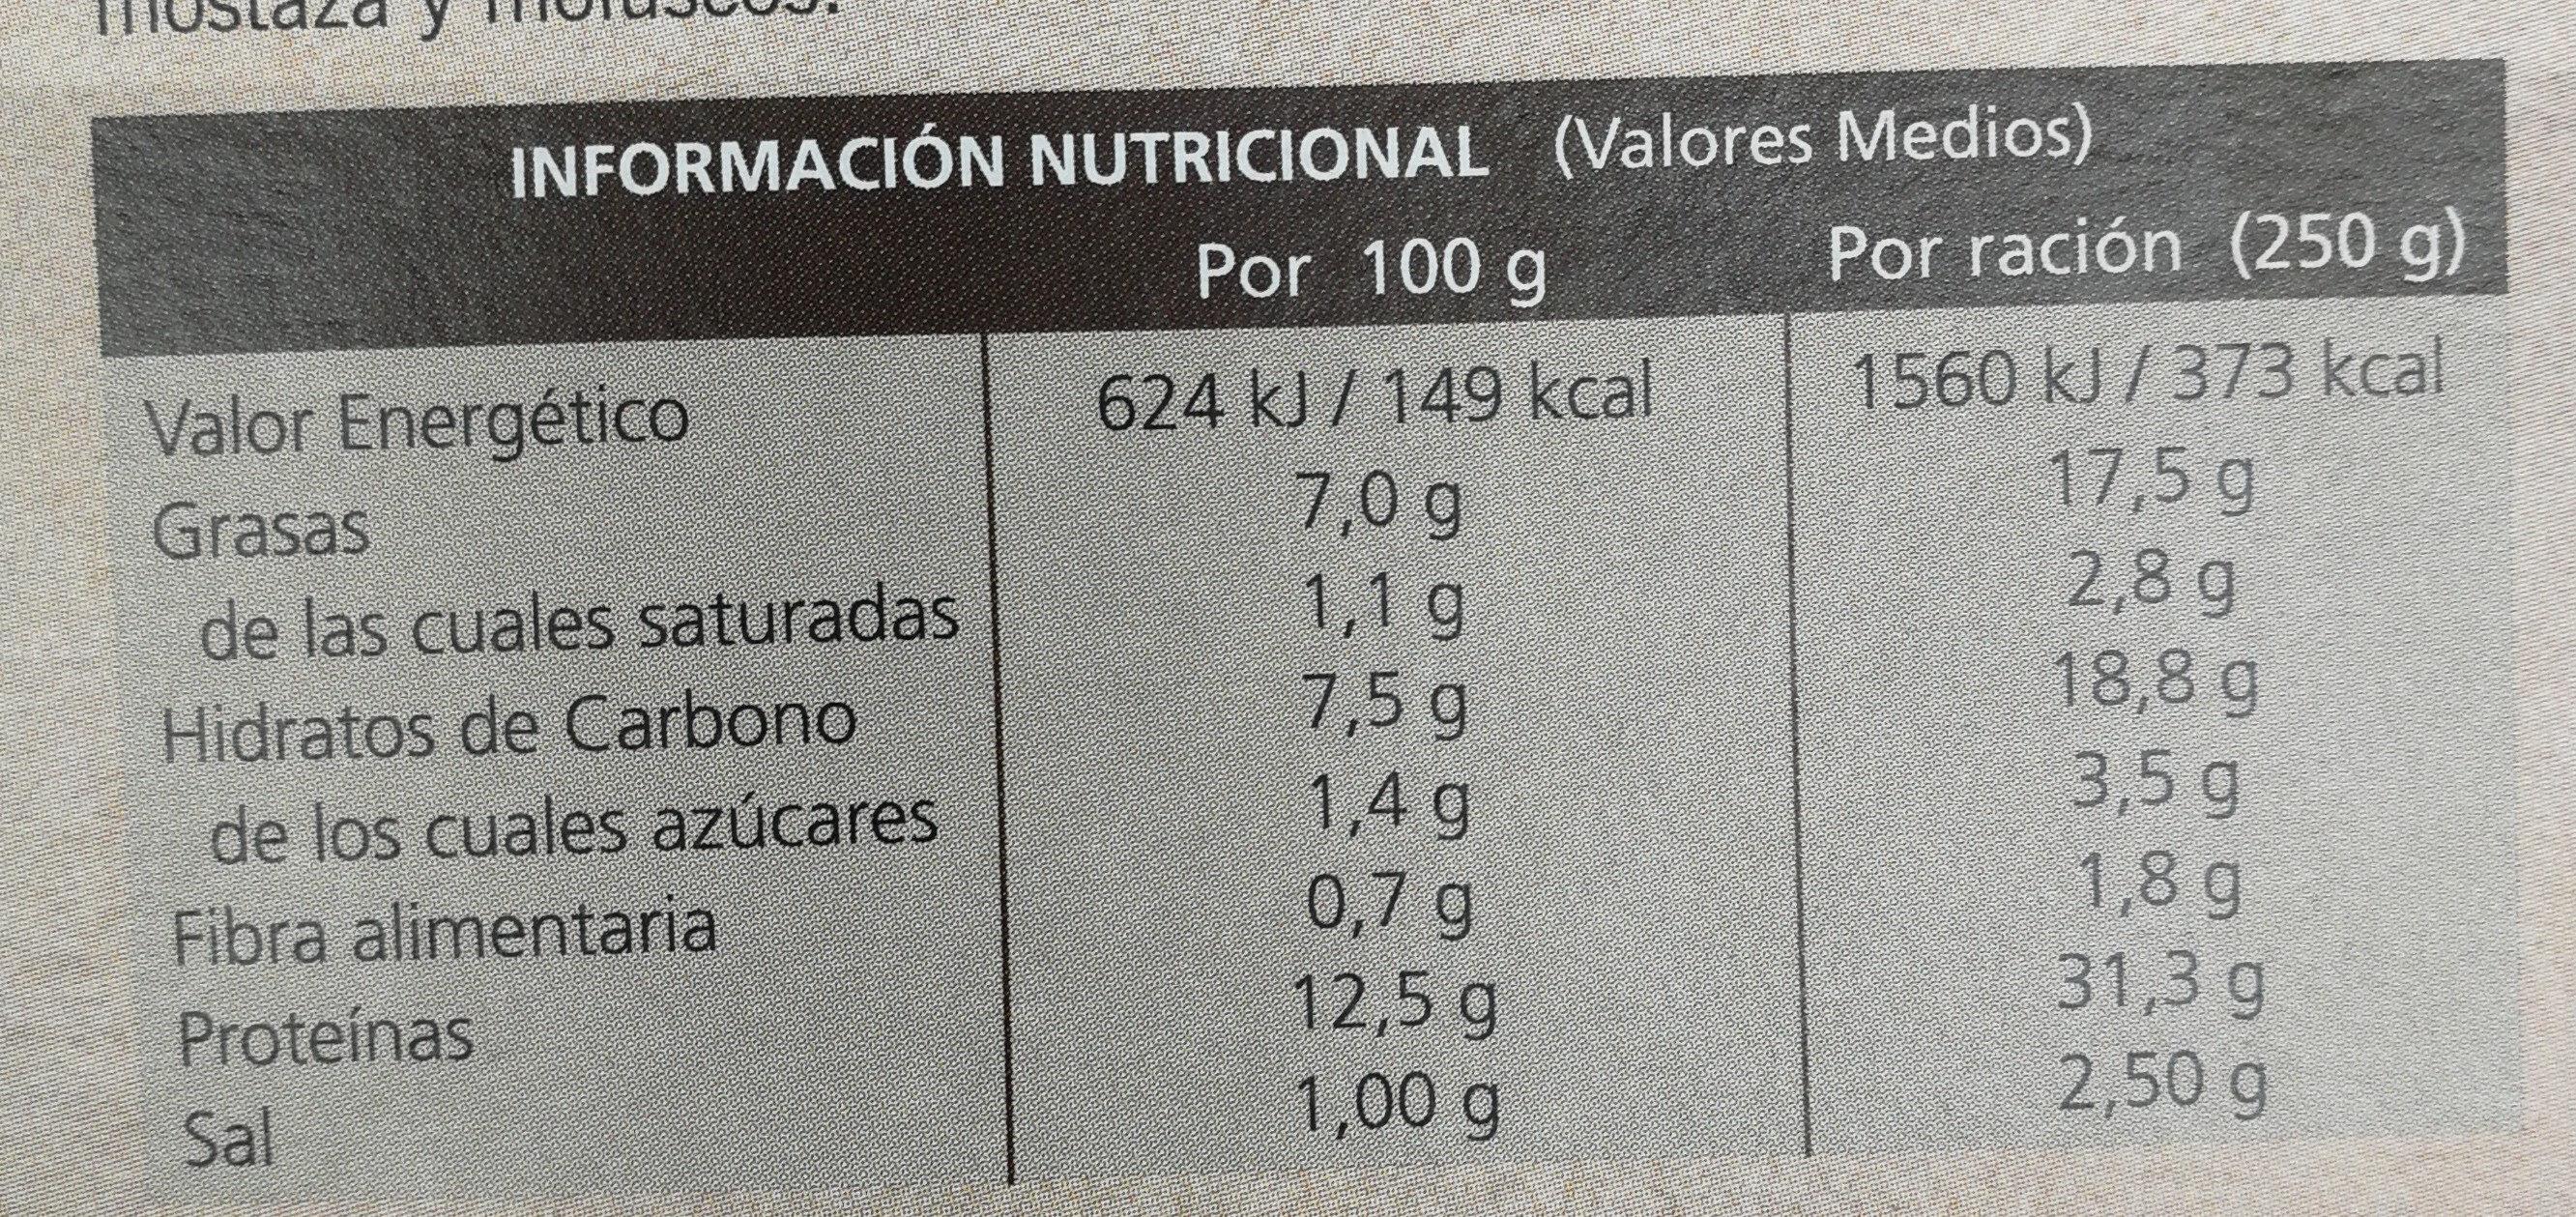 Pollo al ajillo con patatas asadas - Nutrition facts - es